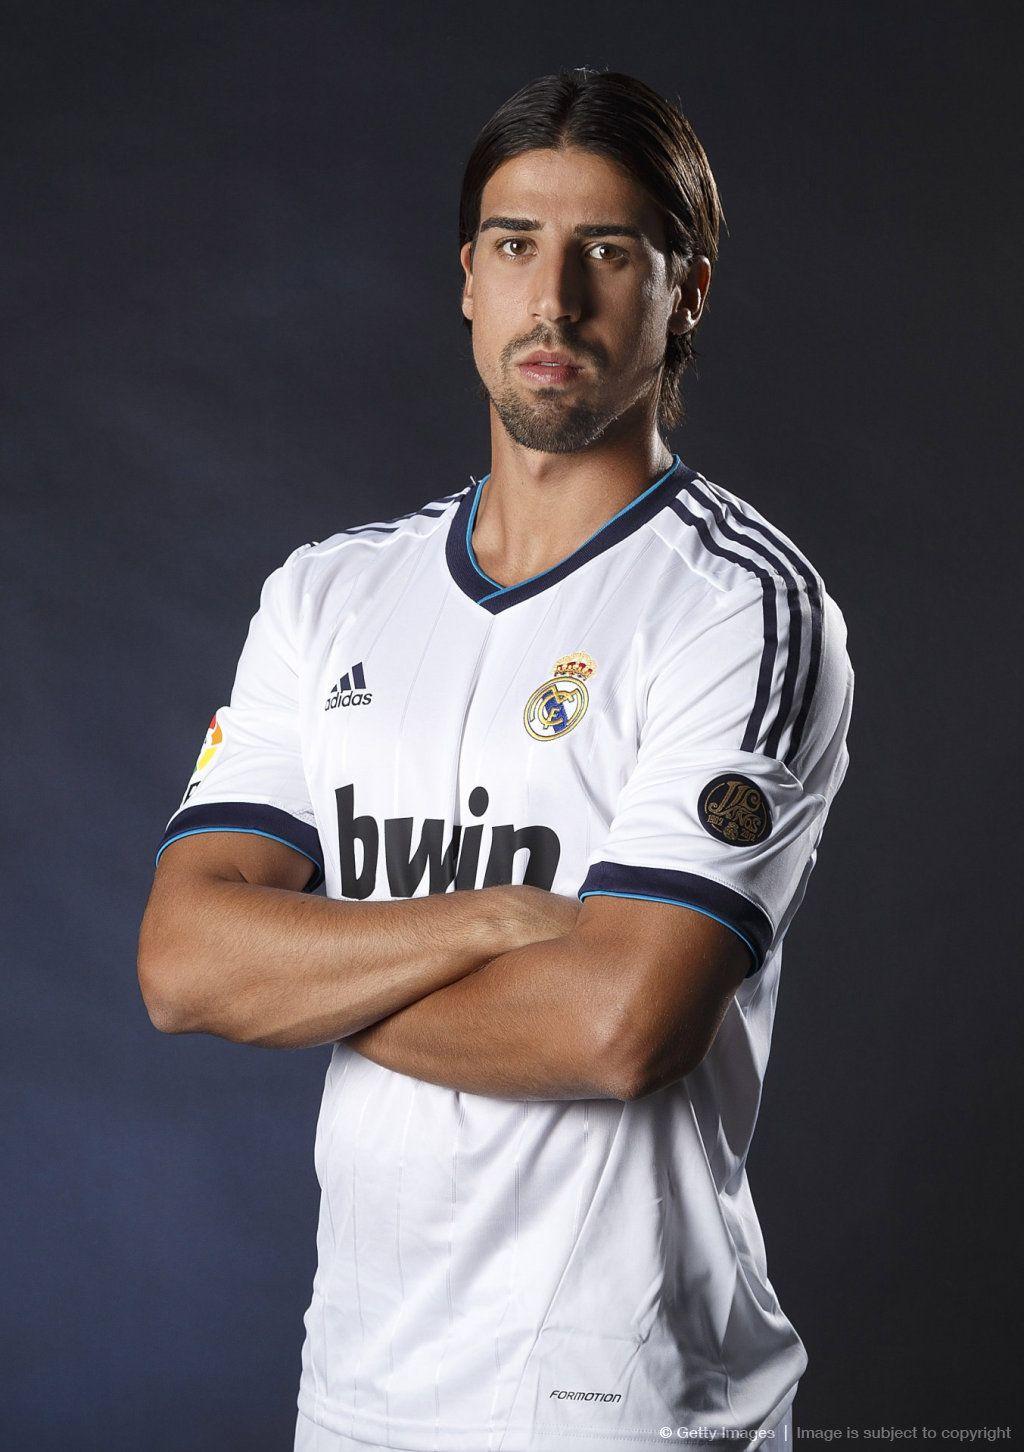 Sami Khedira The Swabian Power Real Madrid Sami Khedira Mens Tops